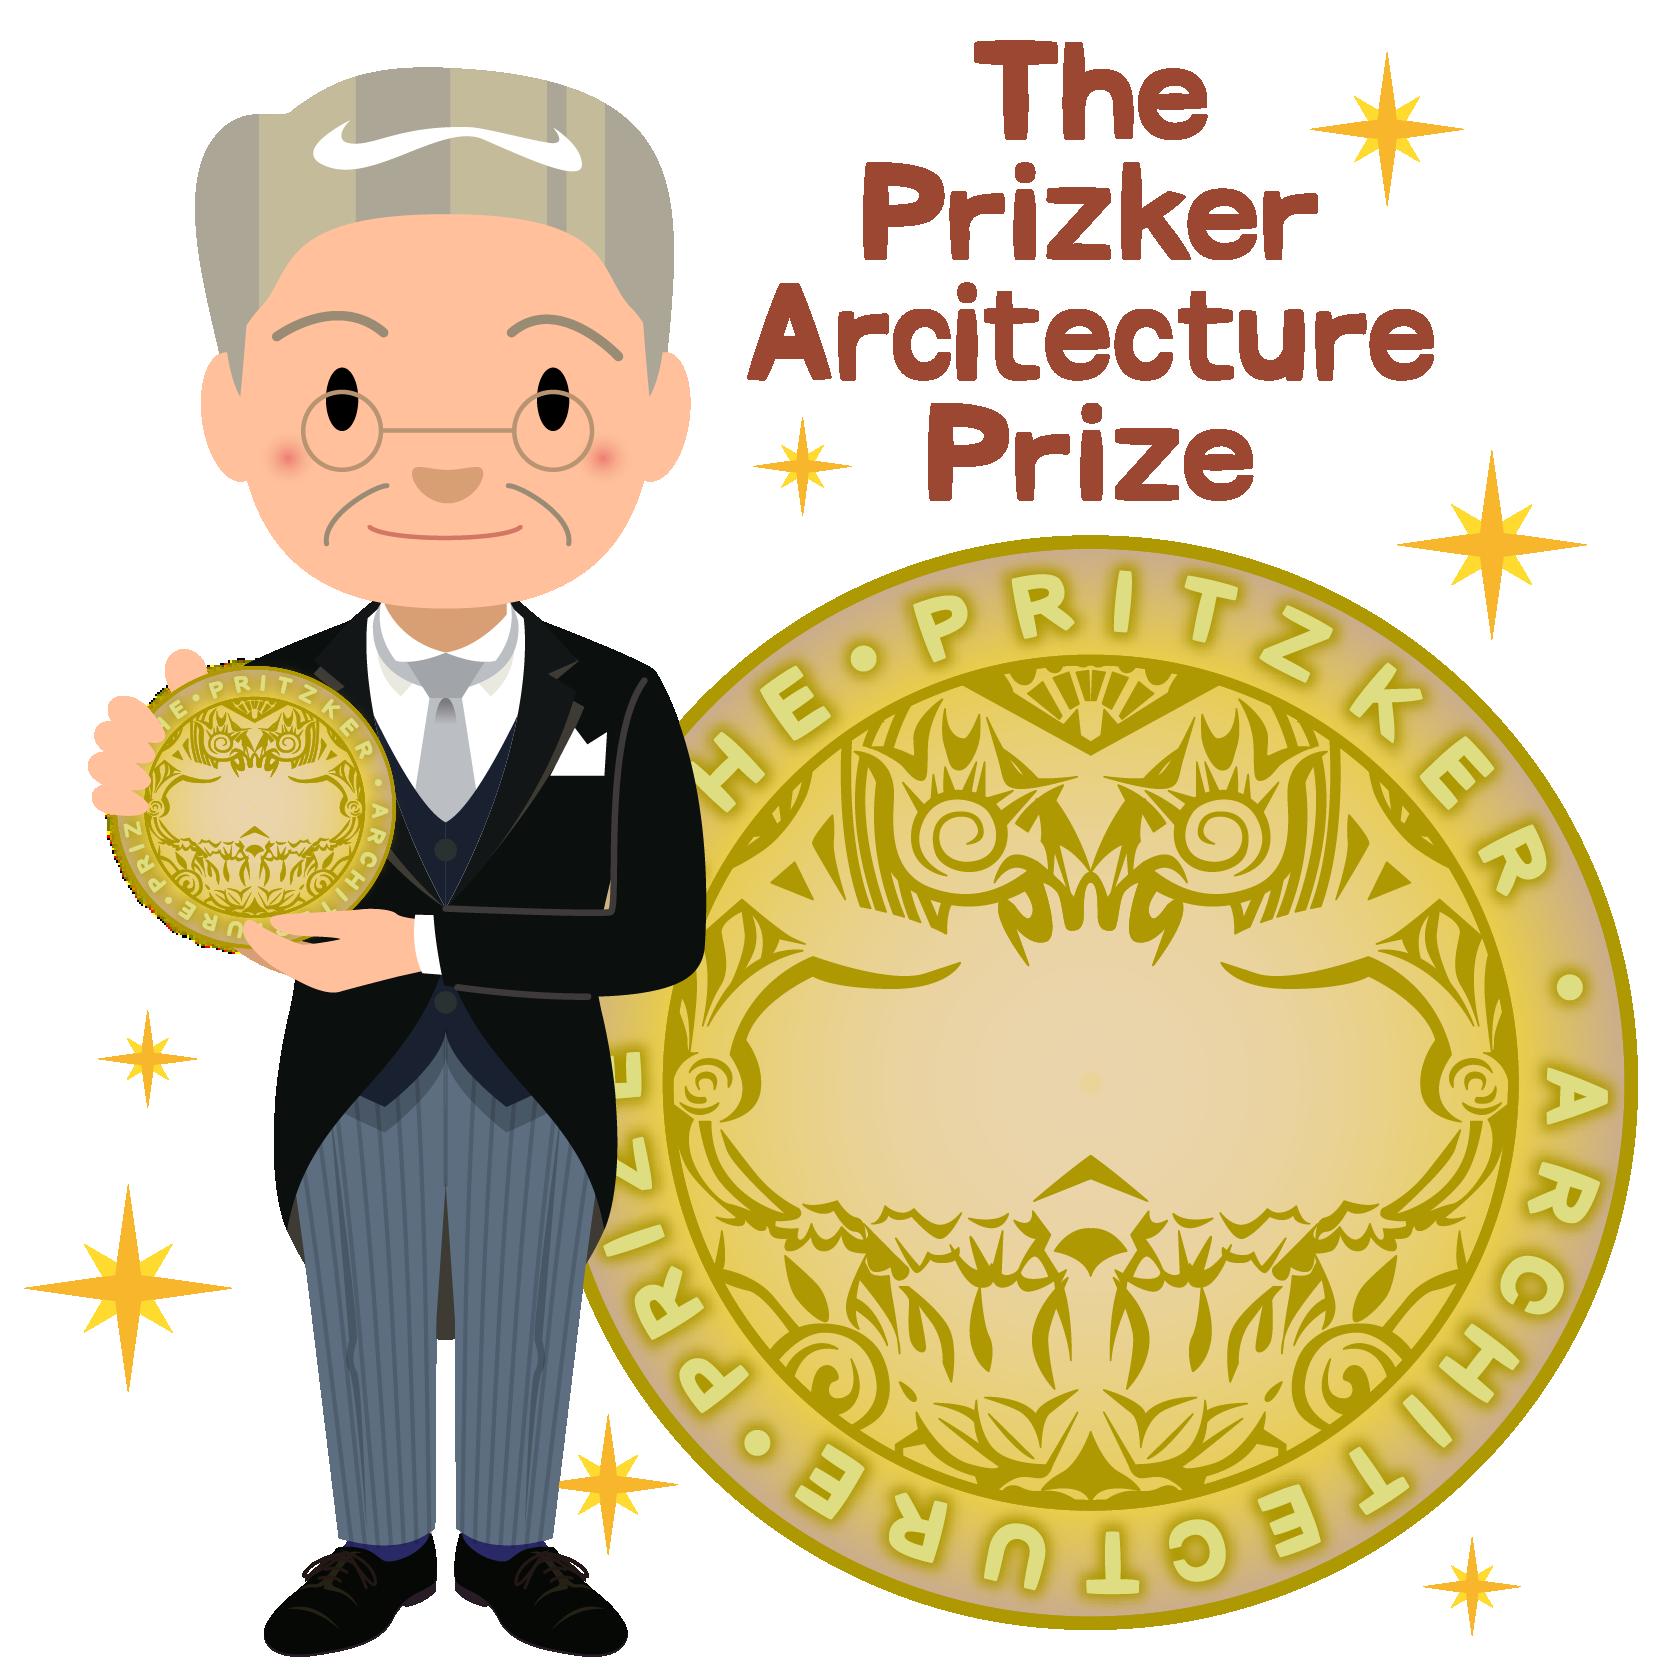 商用フリー無料イラスト_プリツカー賞_表彰_燕尾服_男性D_笑顔_The Pritzker Architecture Prize_022